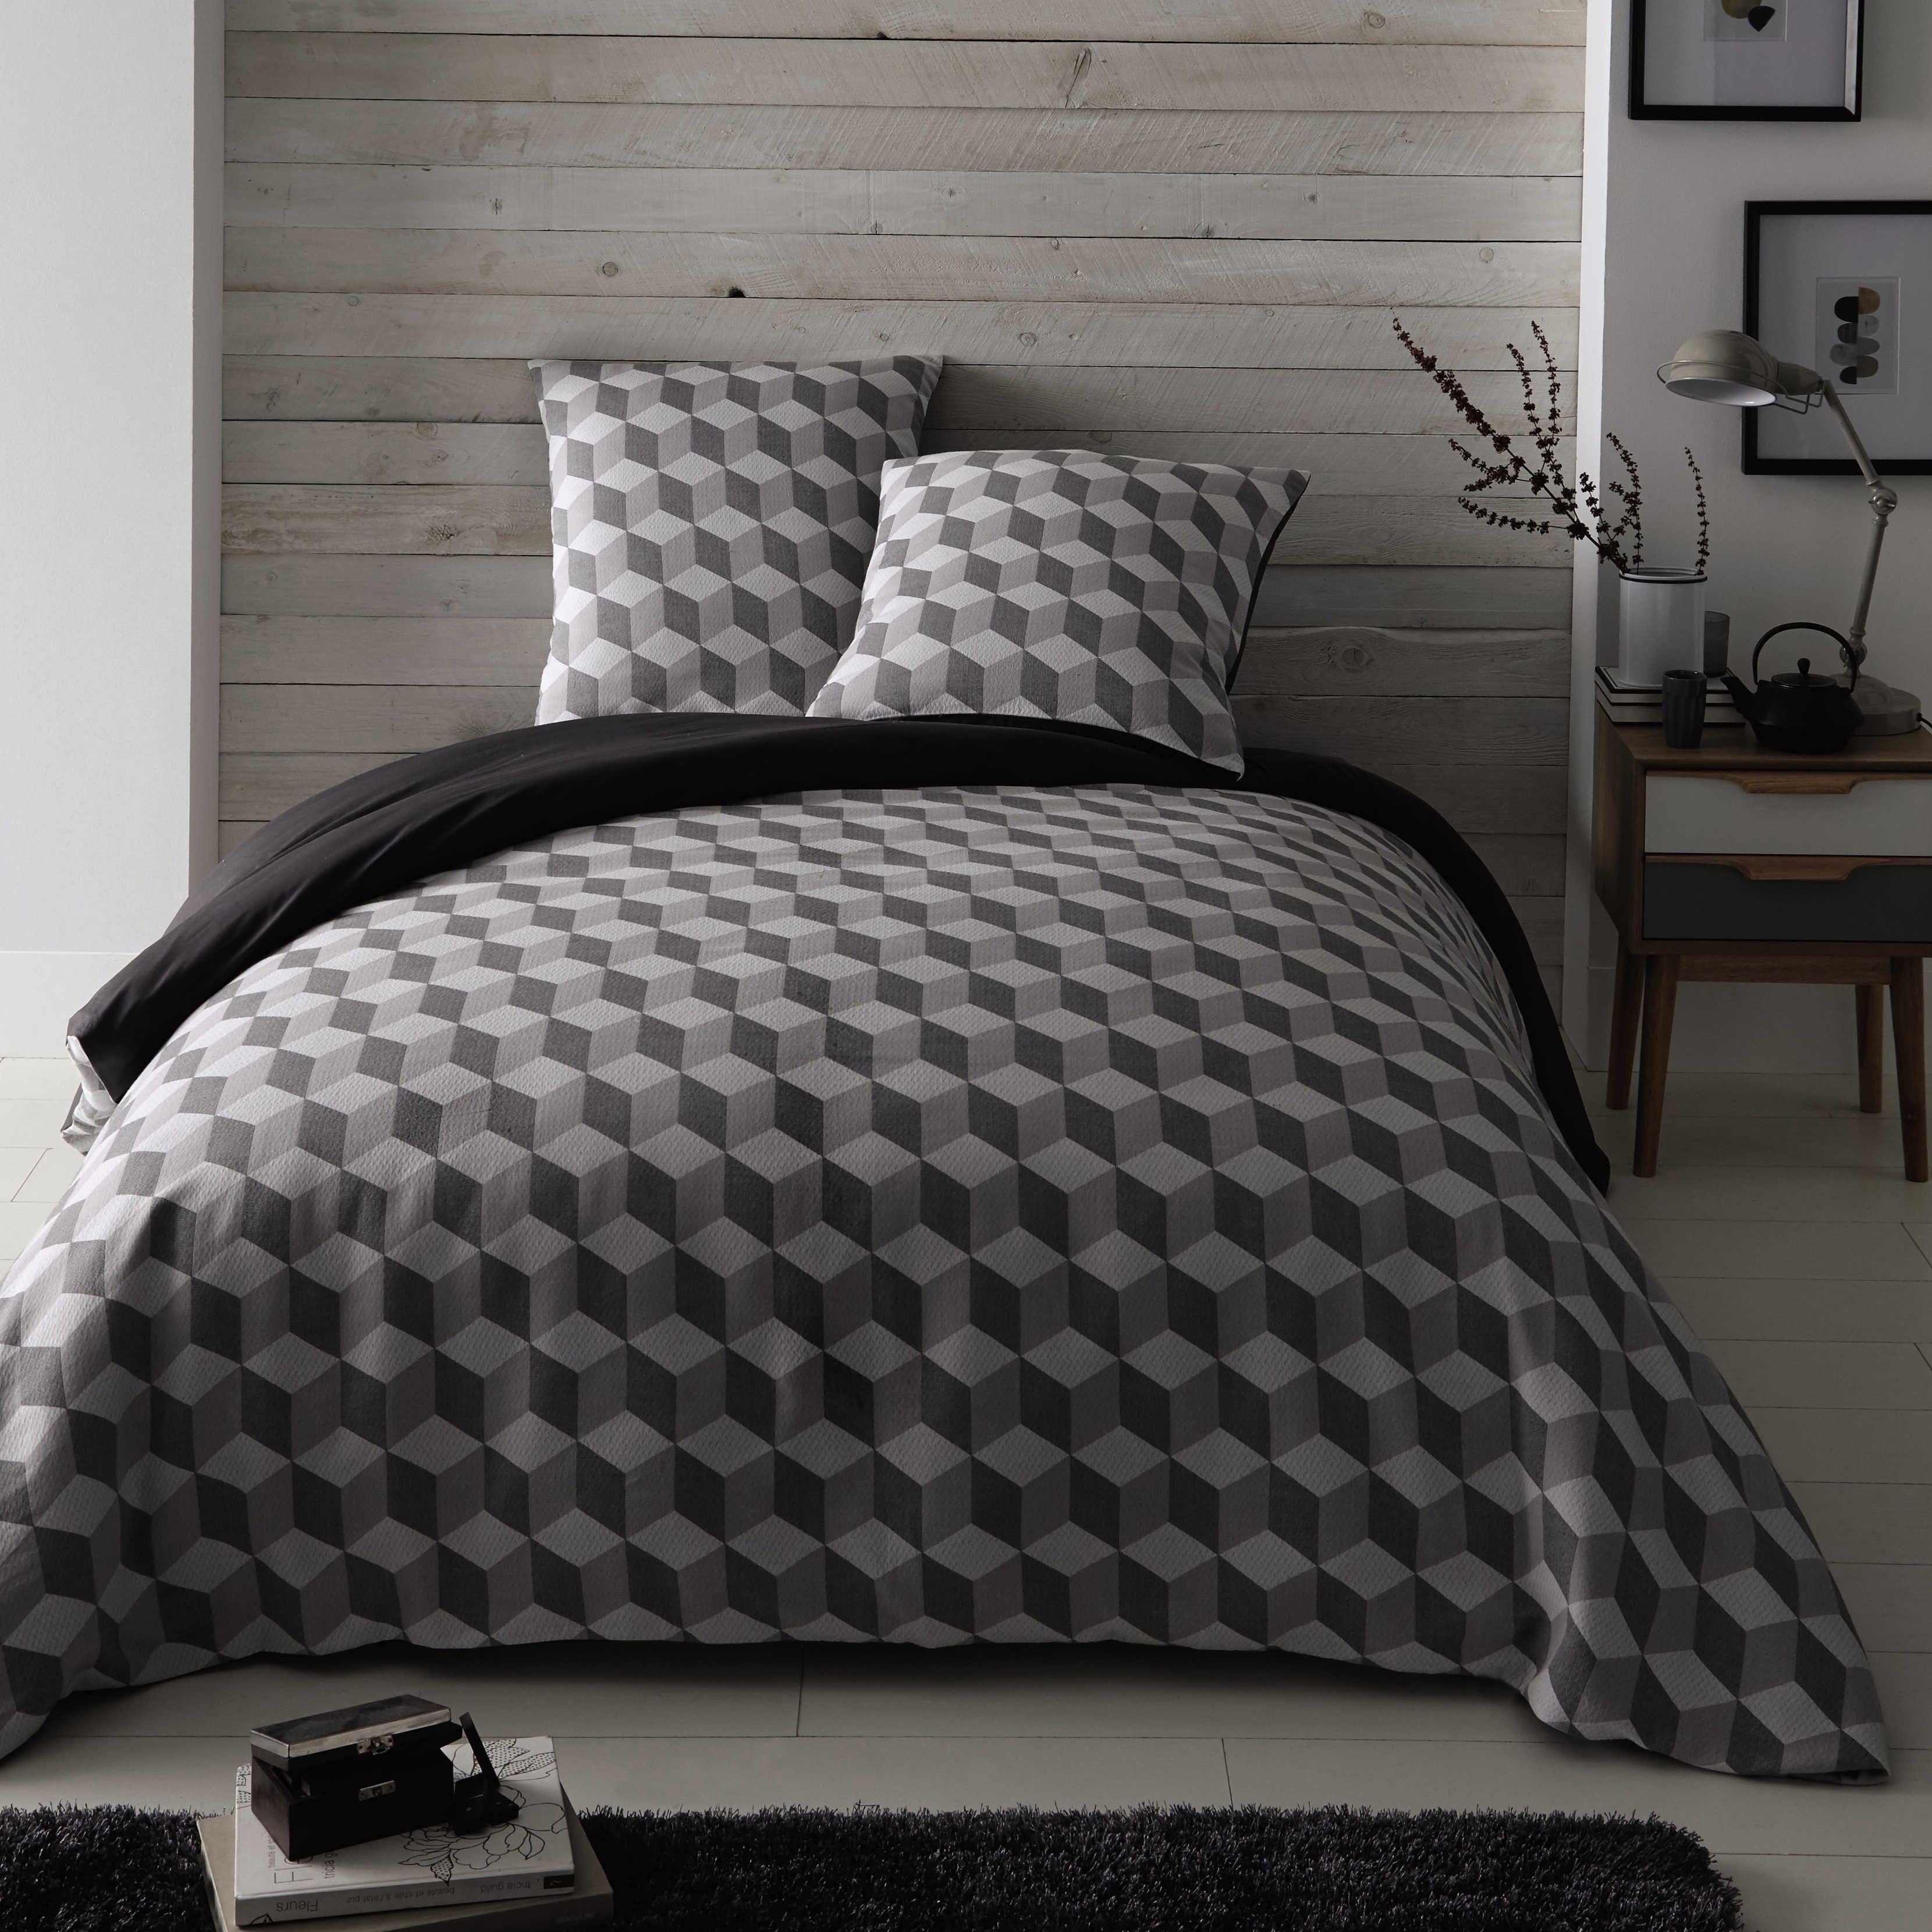 Parure de lit 240 x 260 cm en coton blanche grise cubic Housse de couette maison du monde soldes